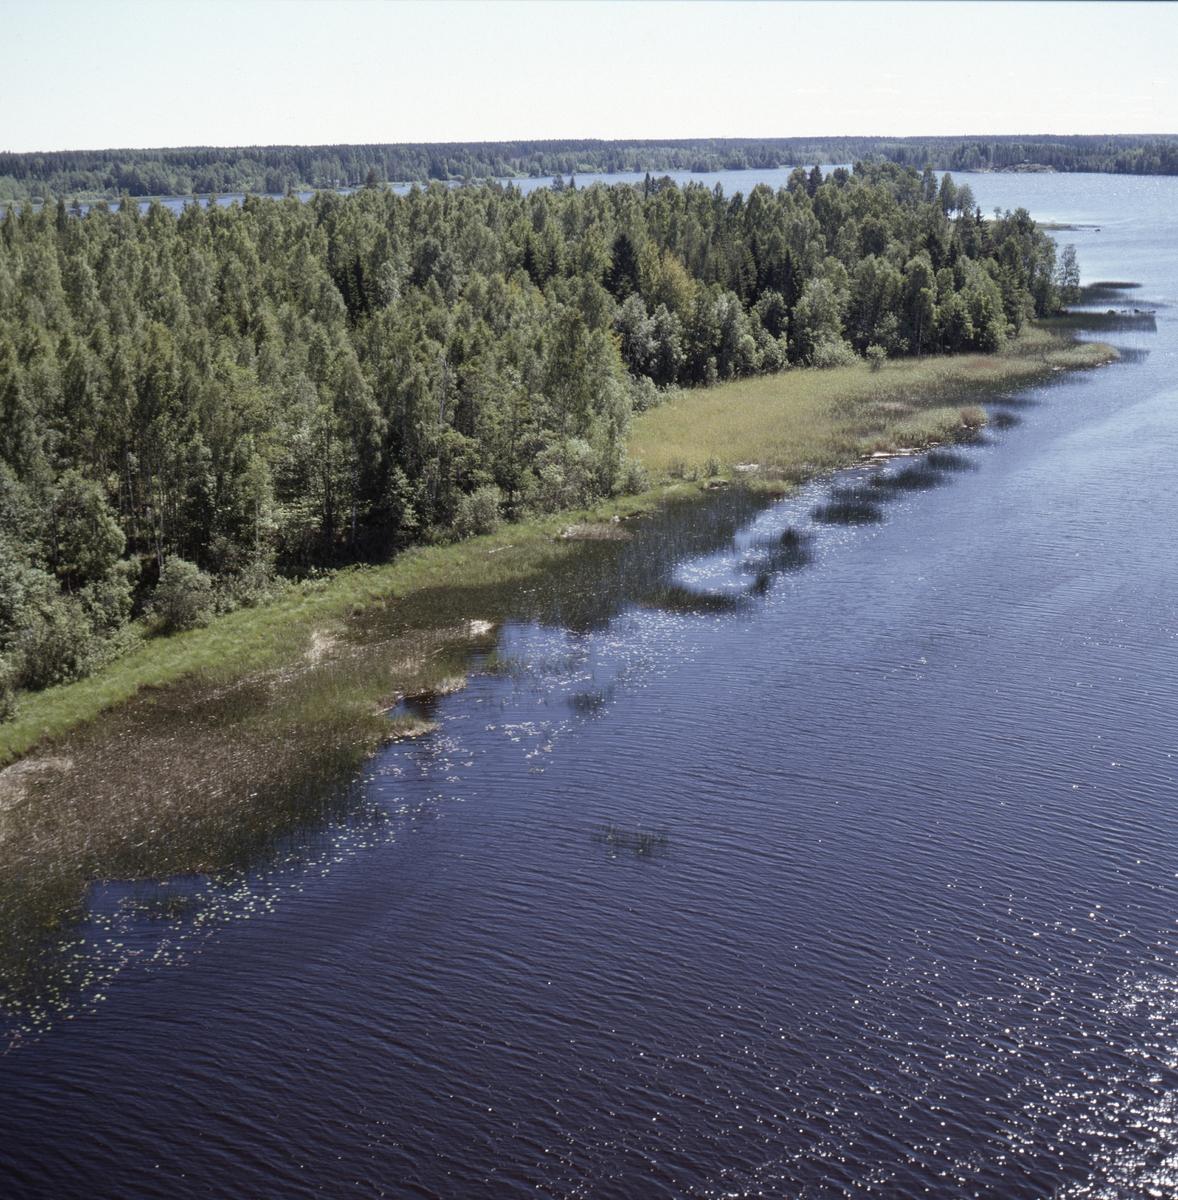 Vy över sjön Strömaren och Storön, Uppland, juni 1989